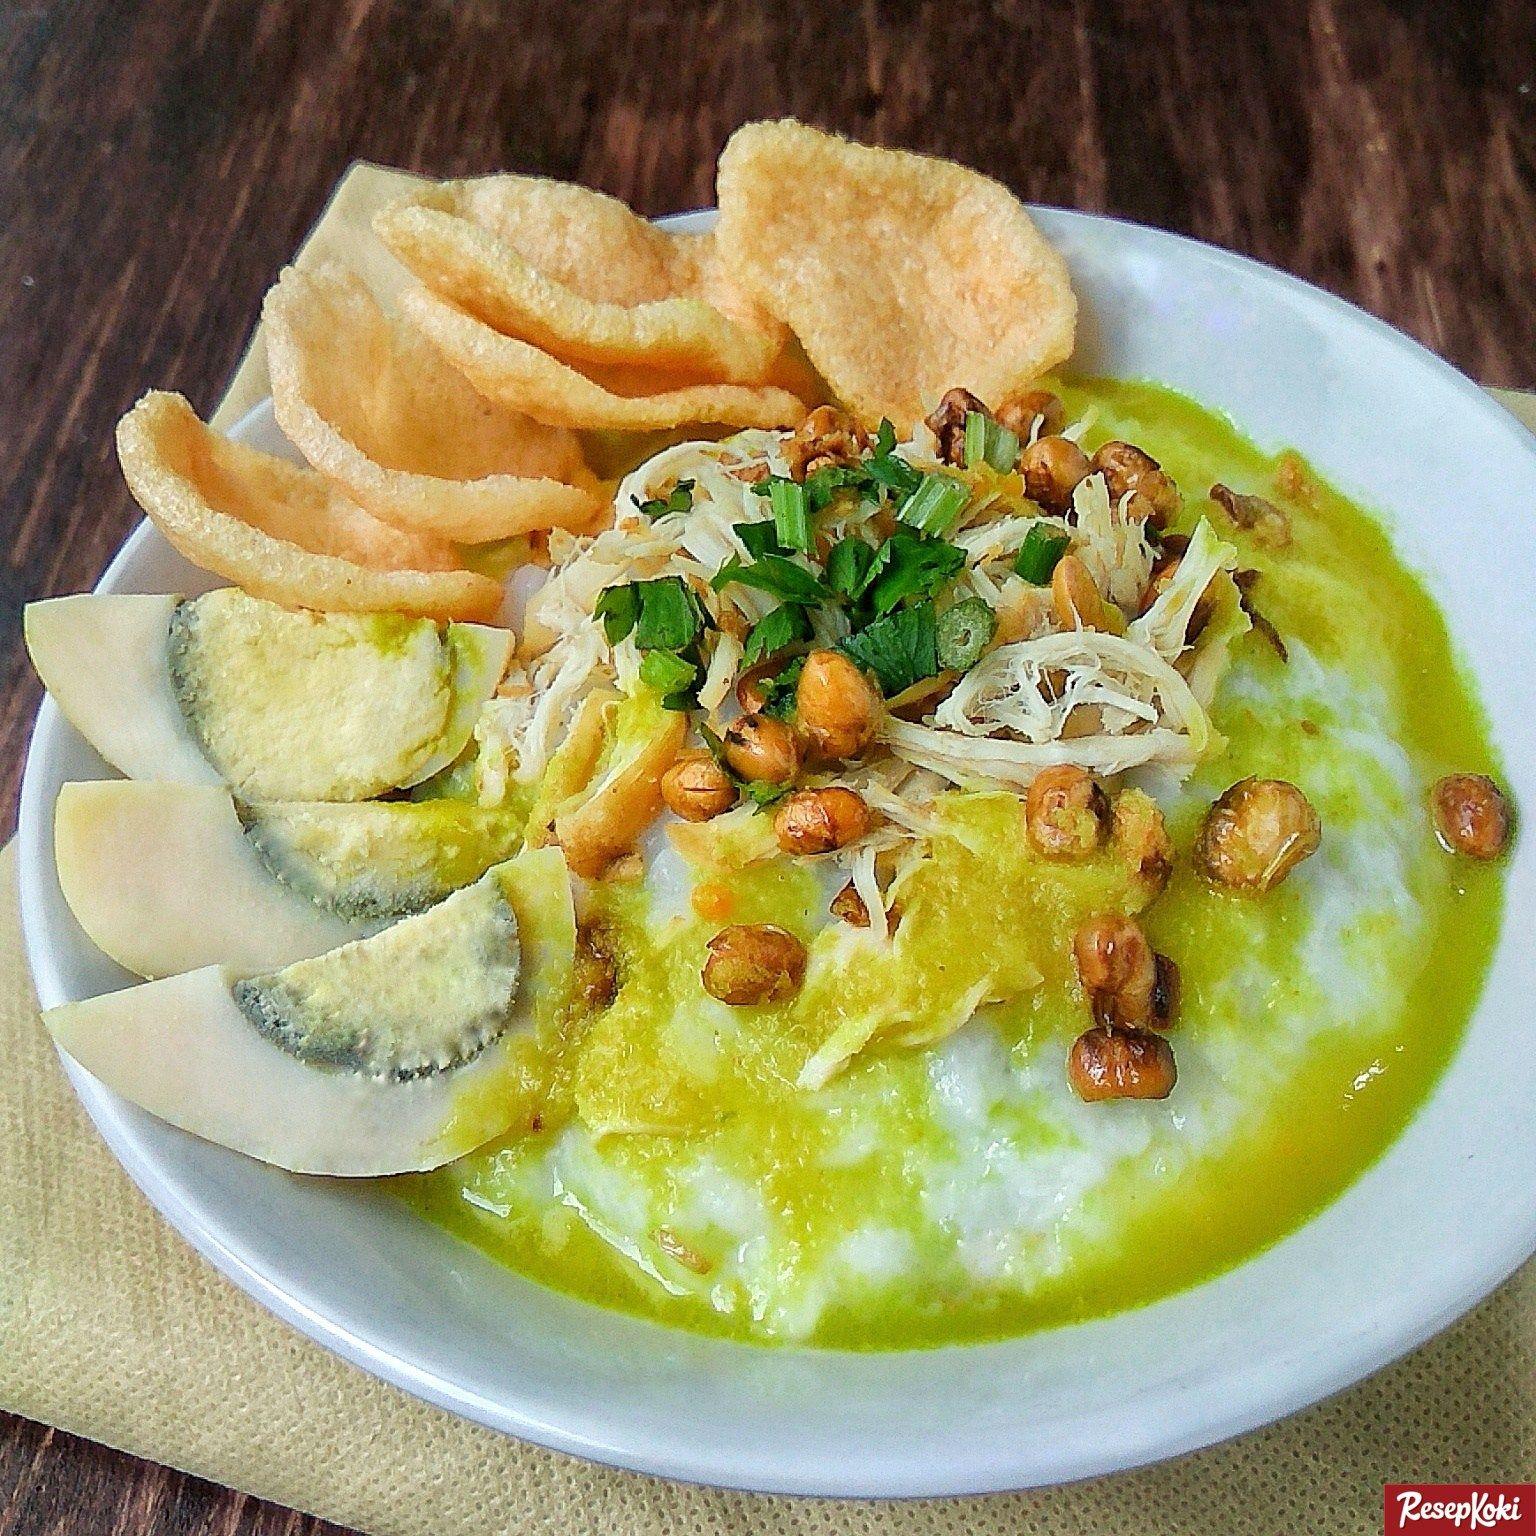 Bubur Ayam Jakarta Kuah Kuning Sedap Praktis Resep Resepkoki Resep Resep Resep Masakan Resep Masakan Asia